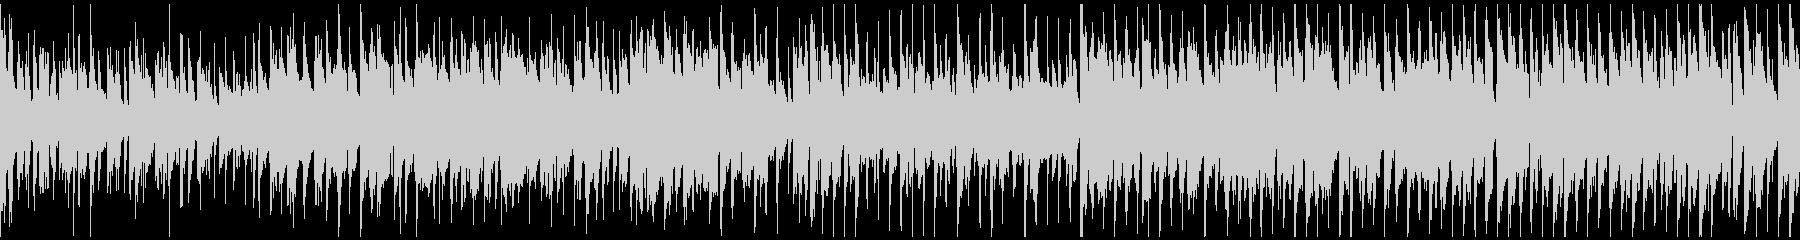 ファンキーなジャズ系ファンク ※ループ版の未再生の波形